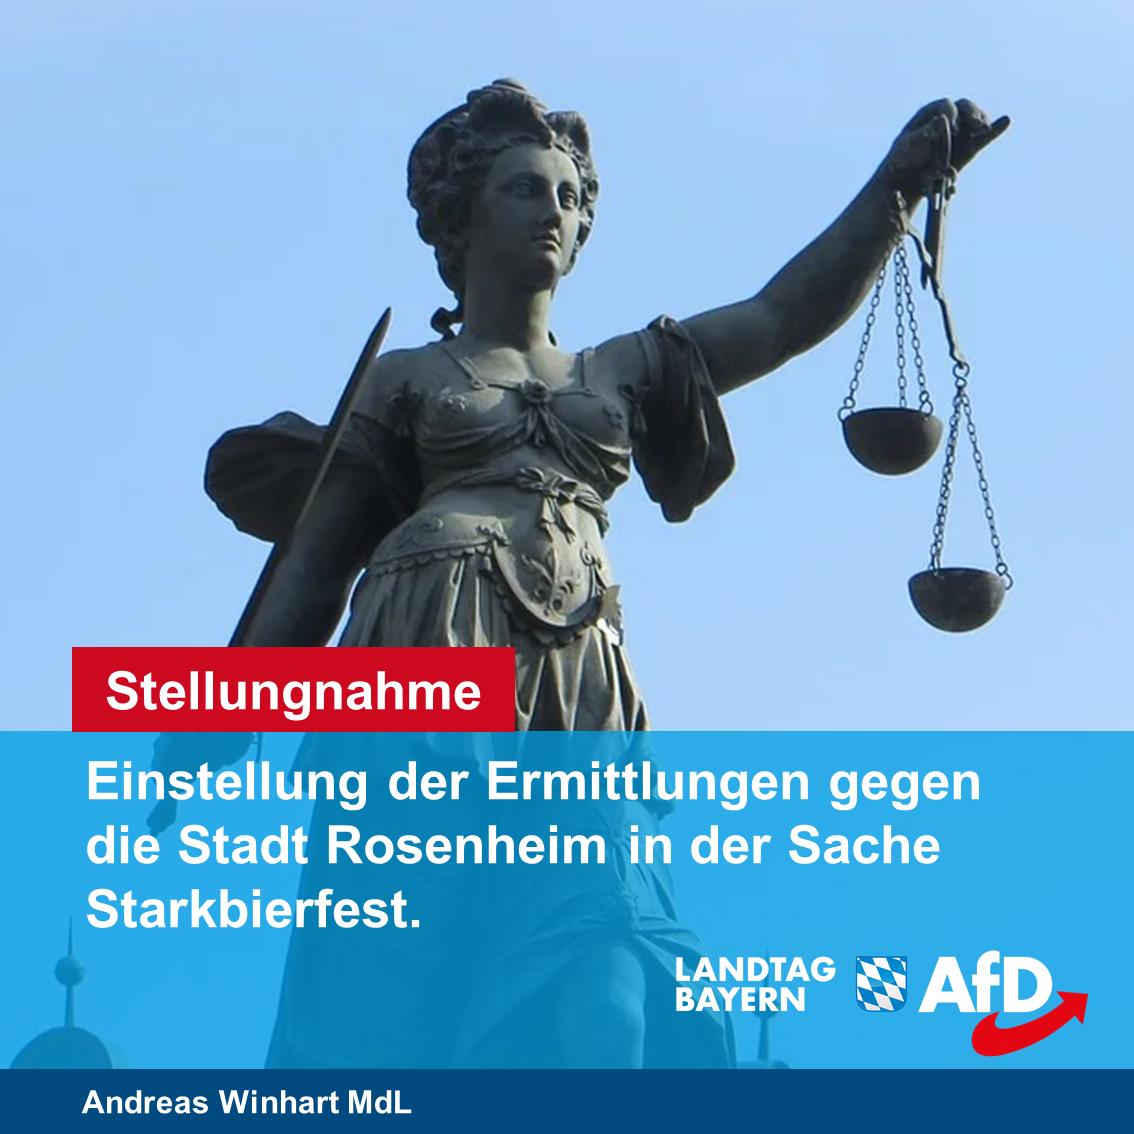 Stellungnahme zur Einstellung der Ermittlungen gegen die Stadt Rosenheim